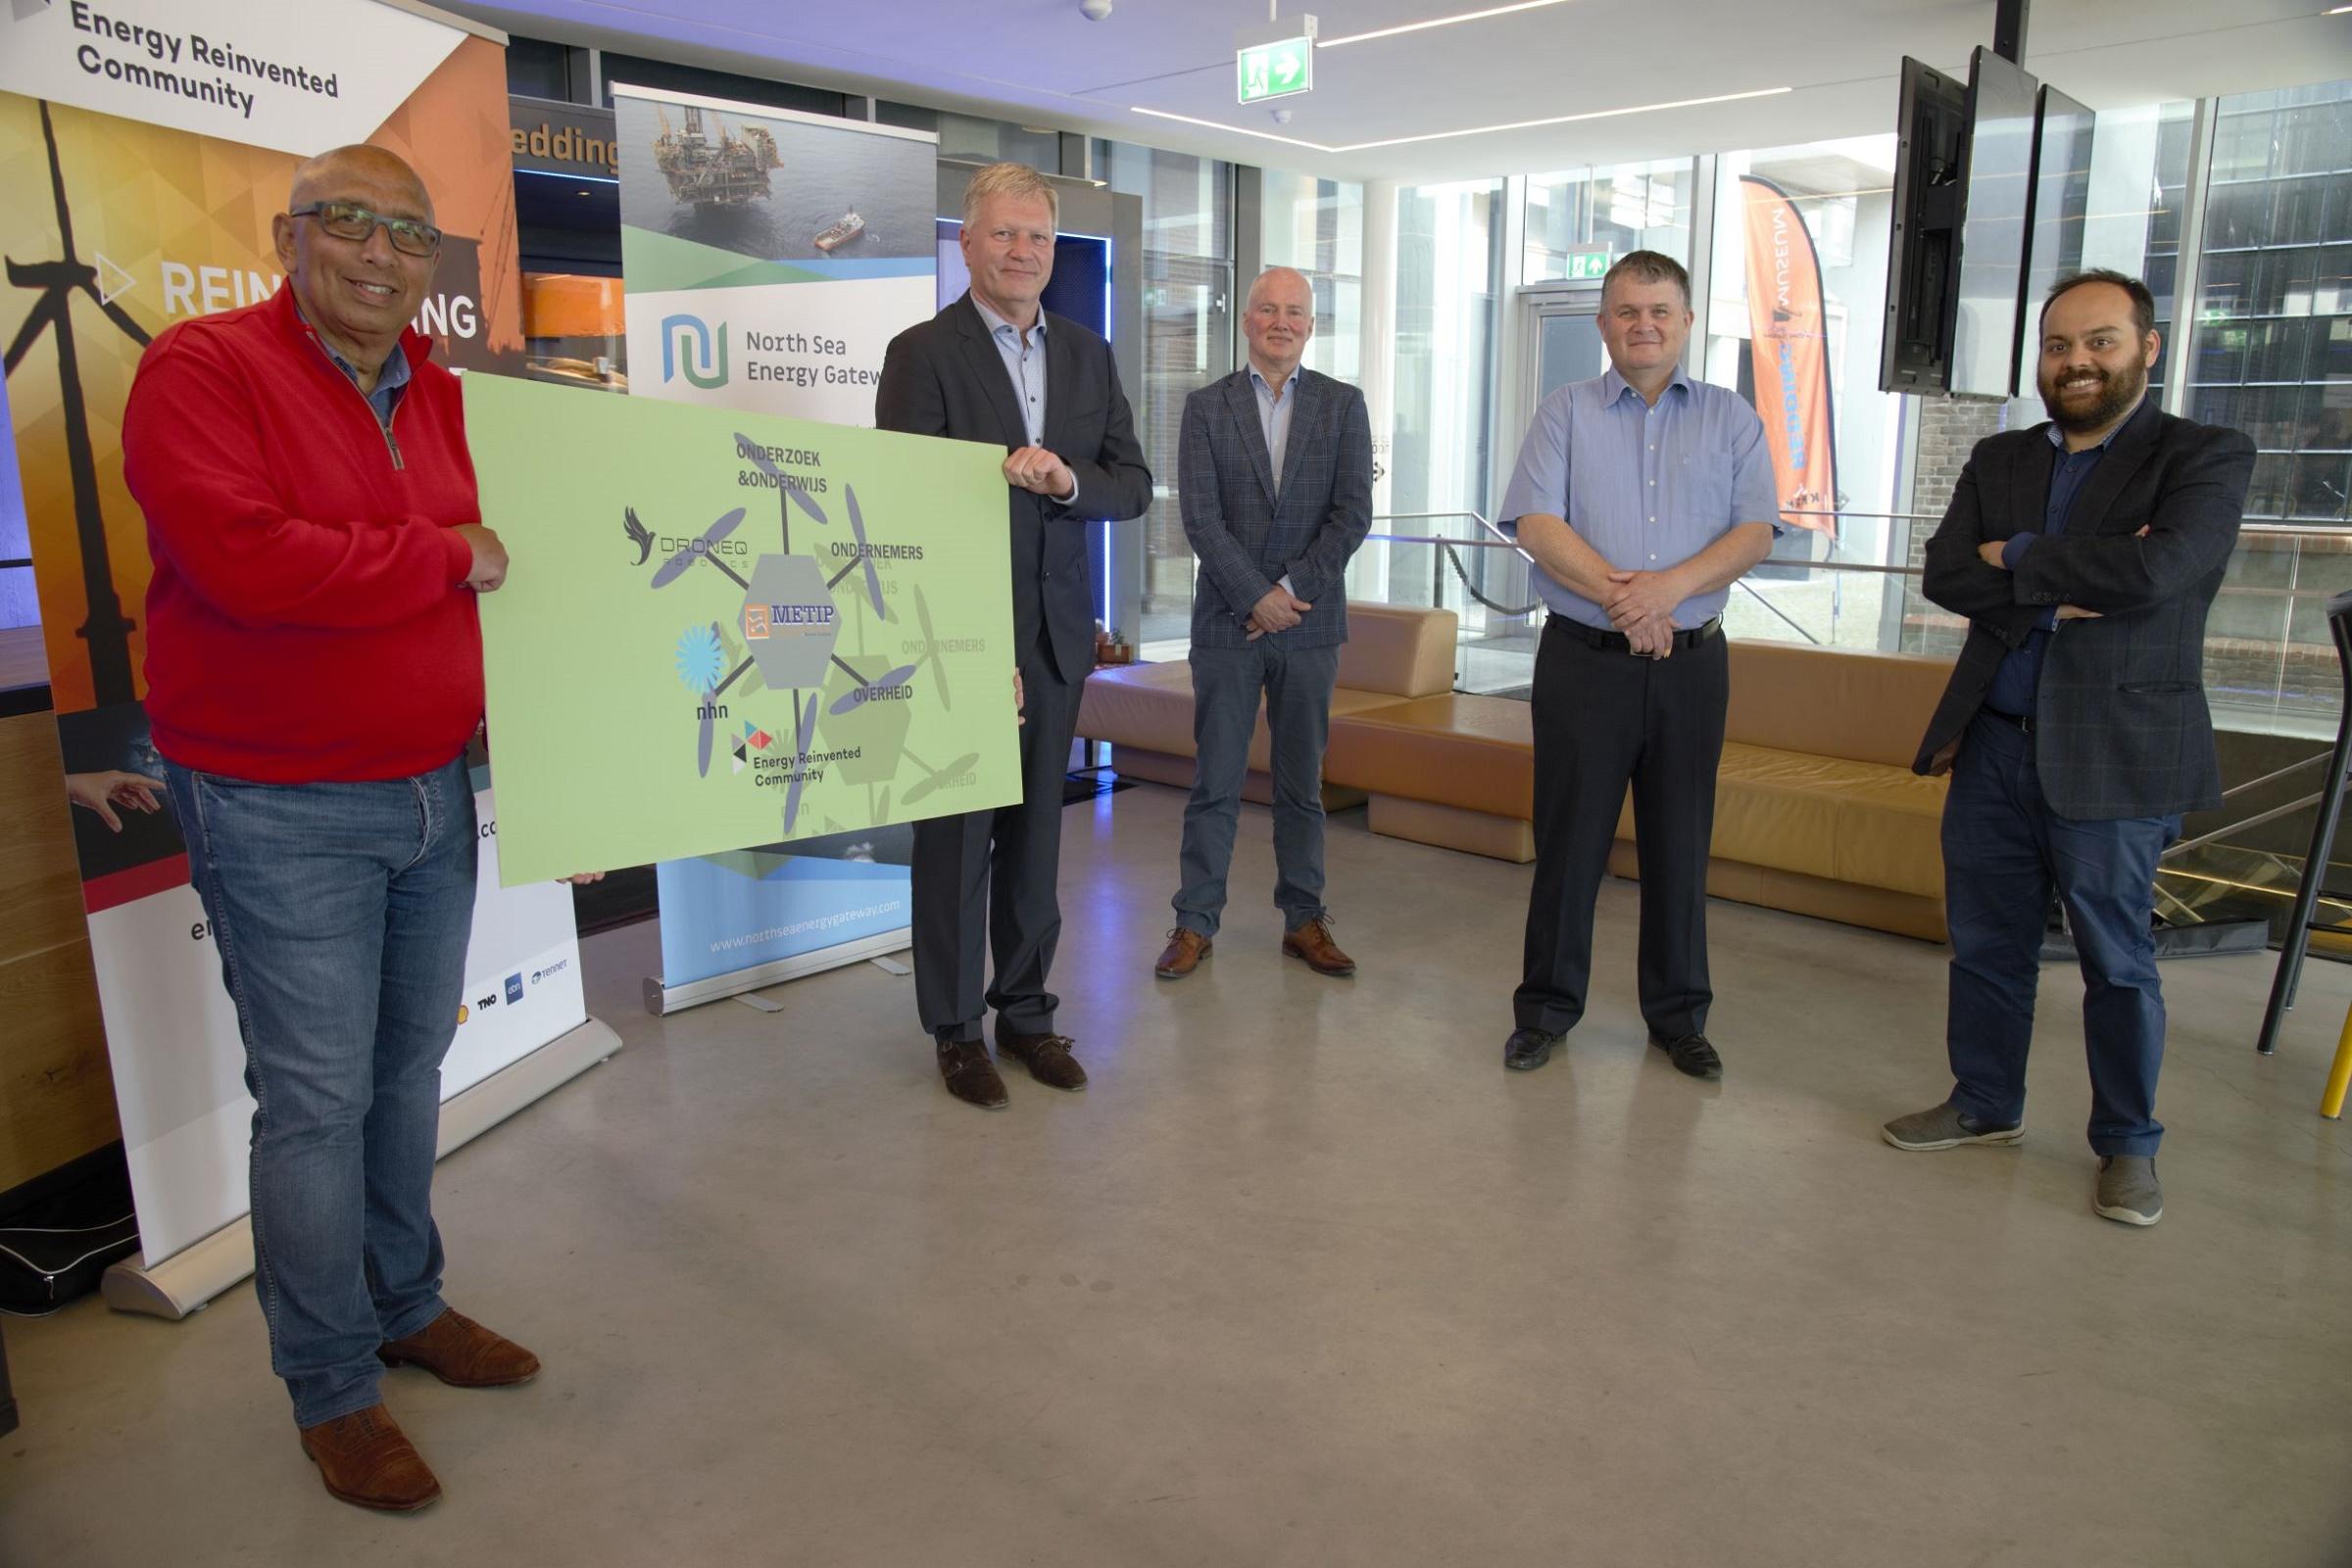 Digitale- en robottechnieken voor de energiesector op de Noordzee